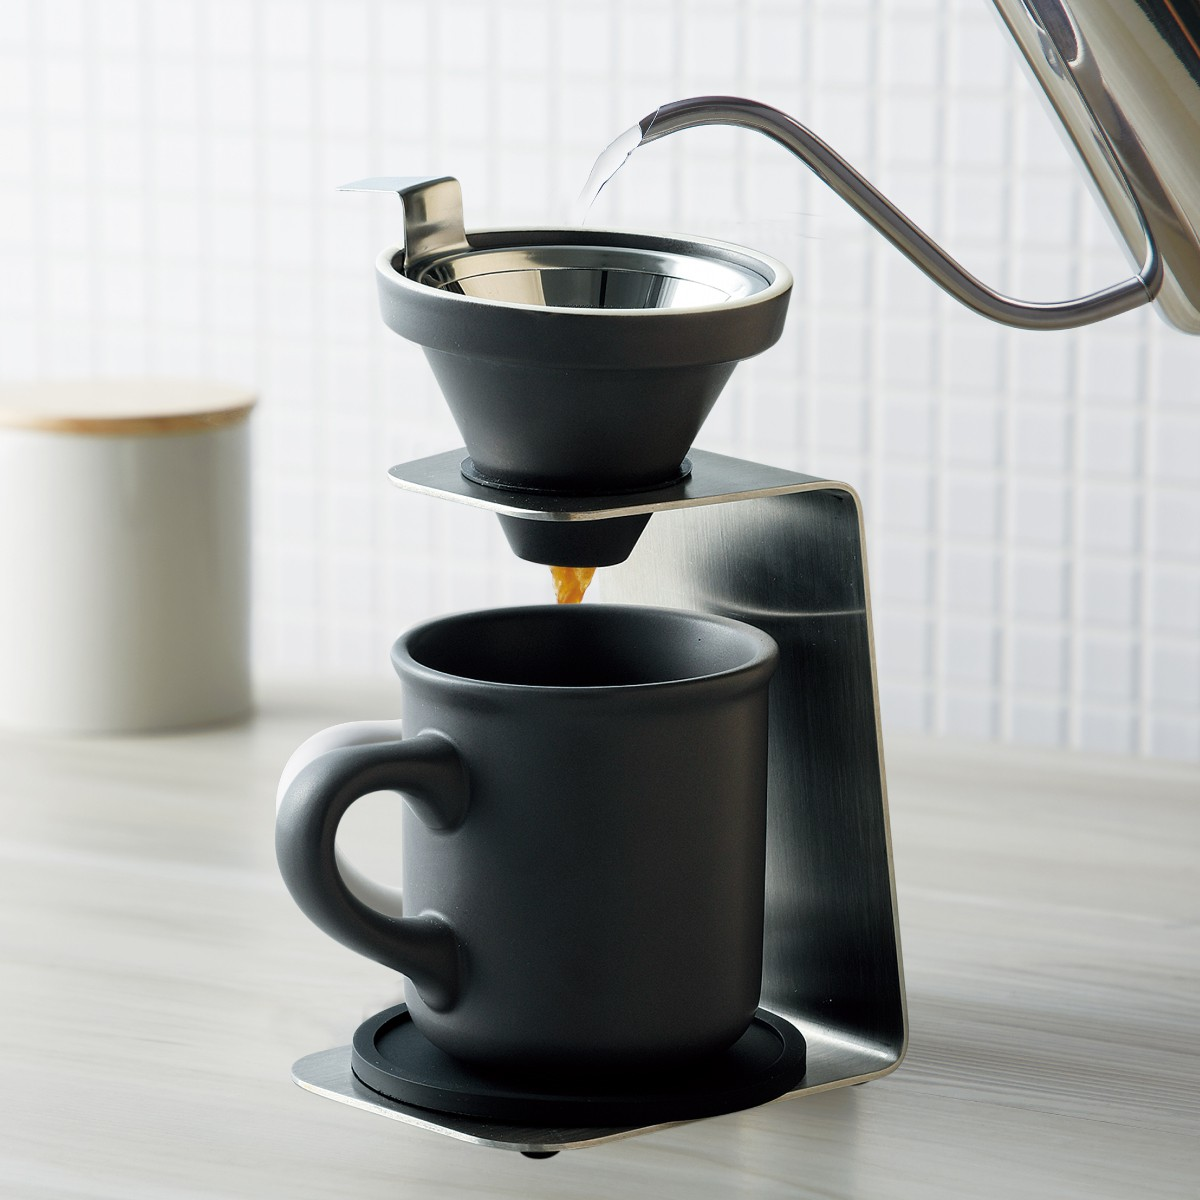 コーヒードリッパー セット コーヒーメーカー ハンドドリップ ブリューコーヒー 一人用ドリッパーセット グレー 51642 コーヒーグッズ特集